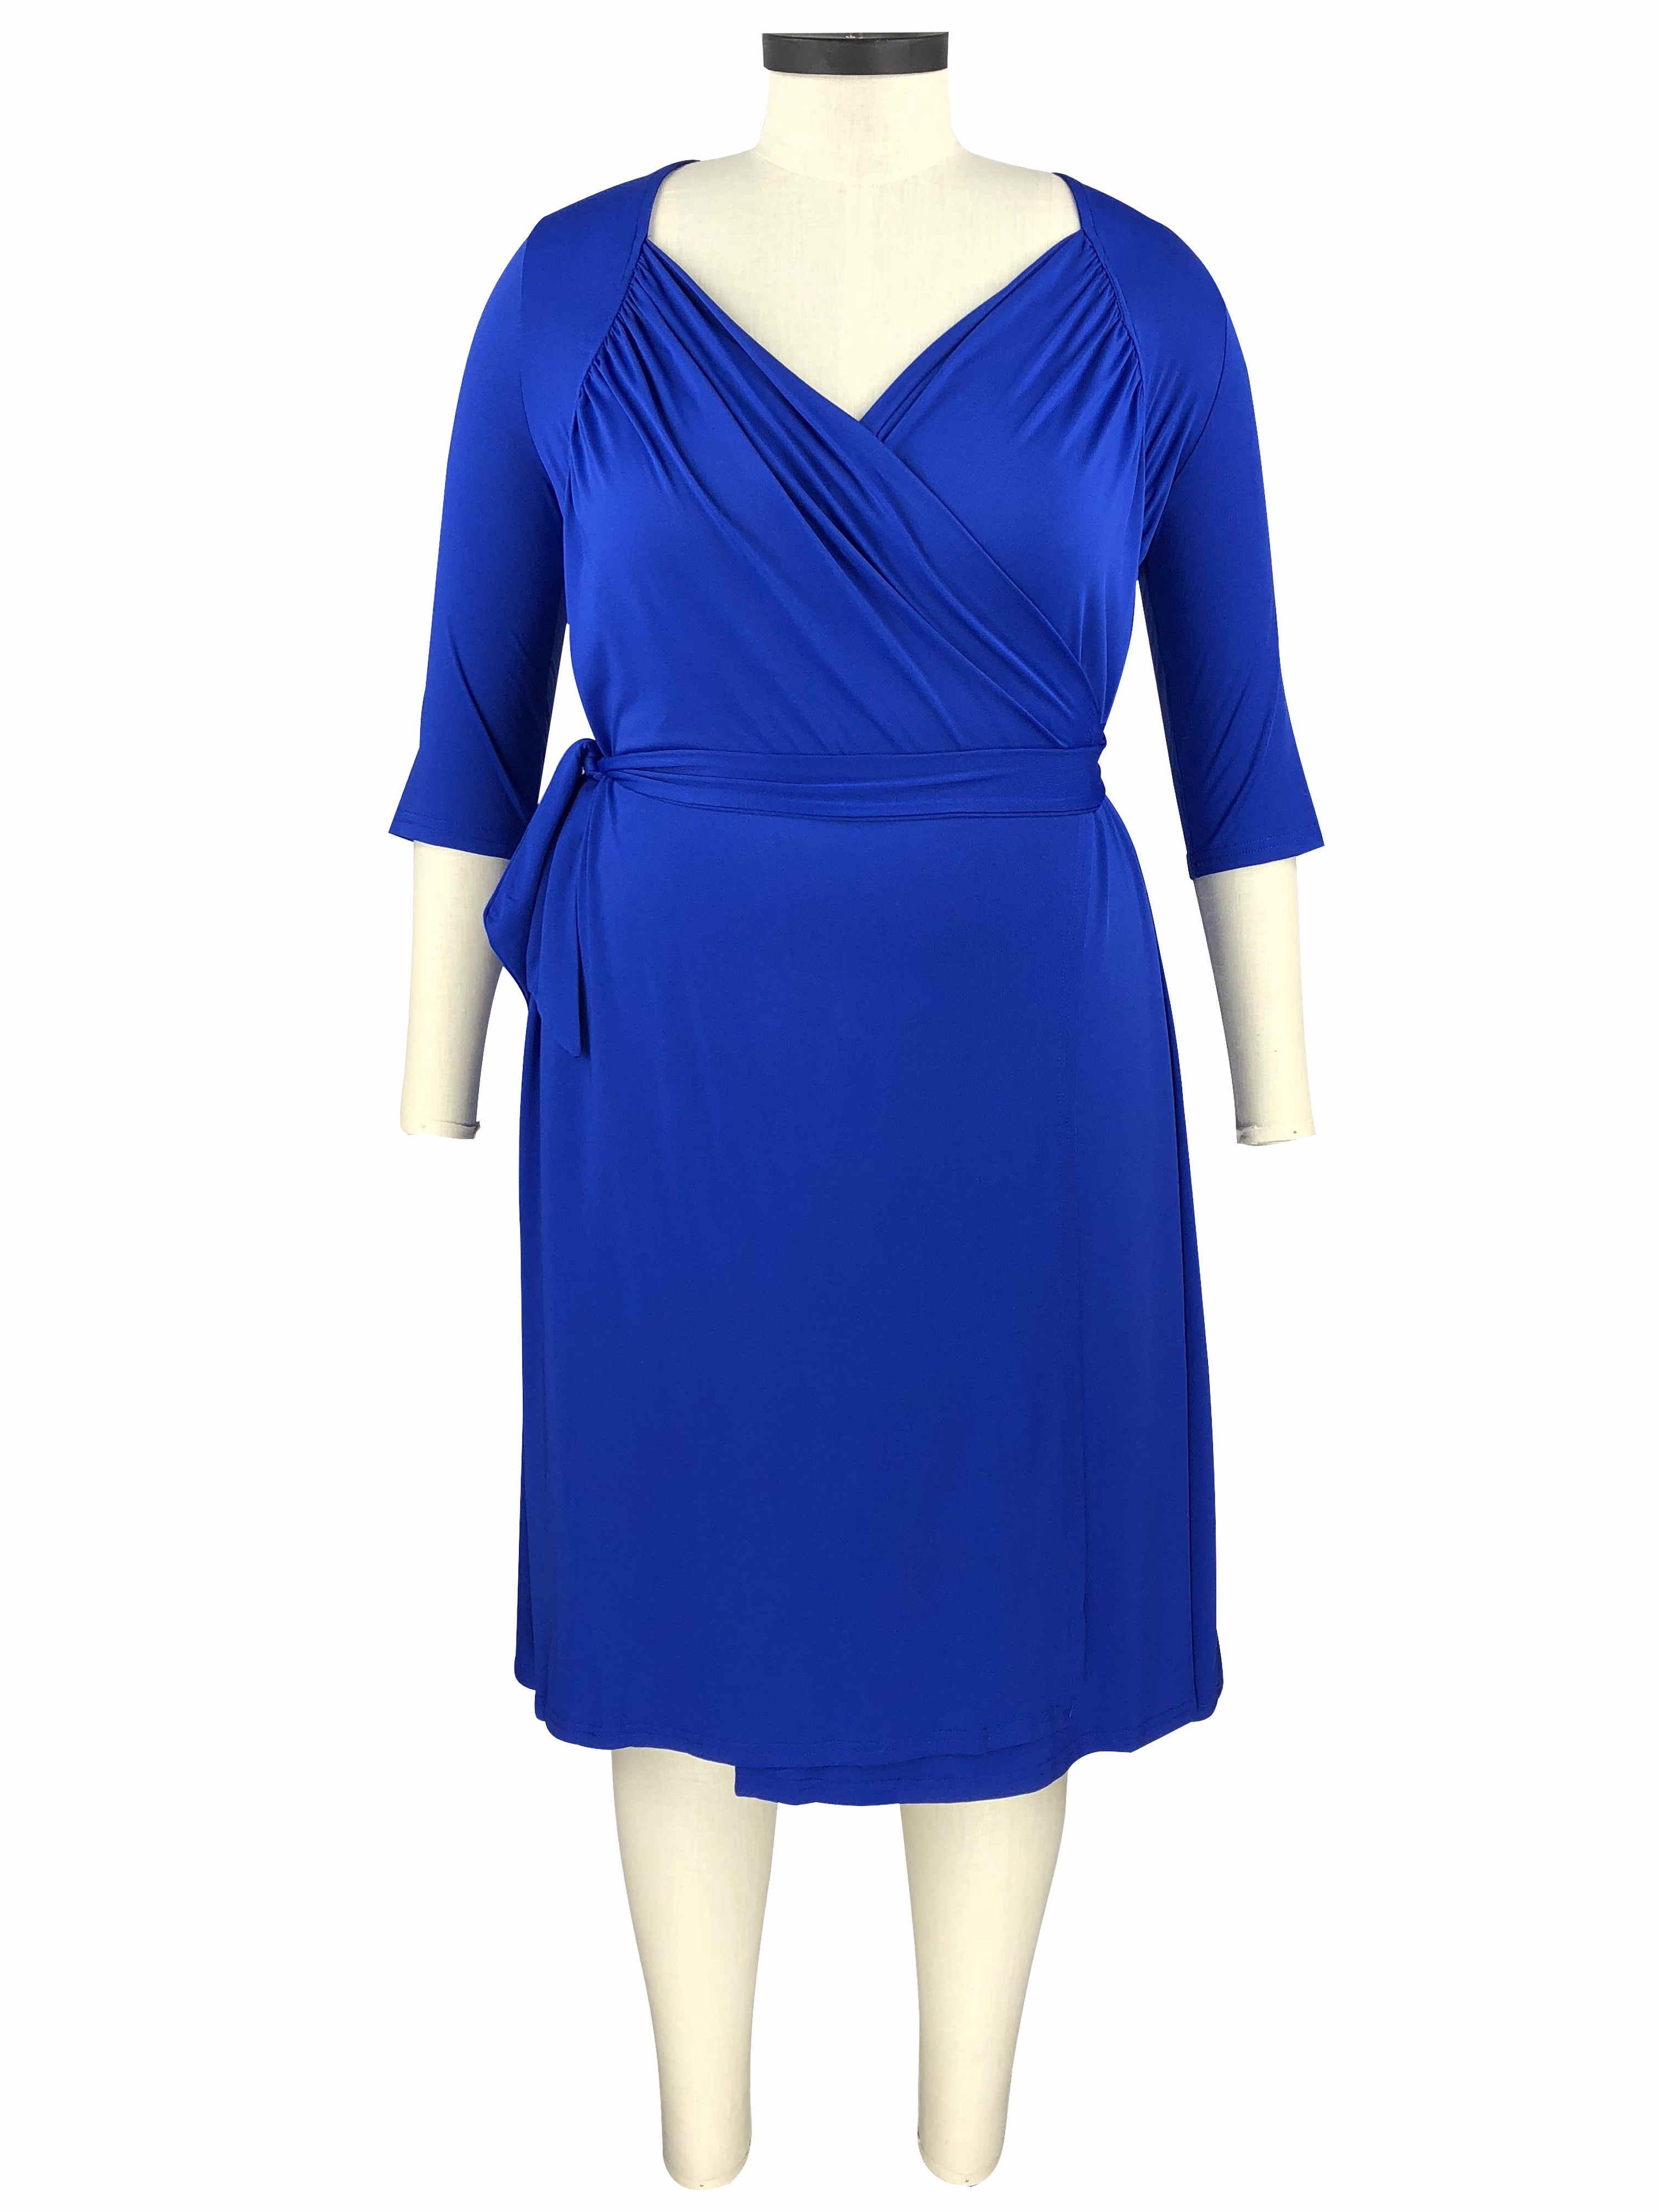 kleid große größen wickelkleid für mollige kurz blau jersey mit Ärmel gürtel